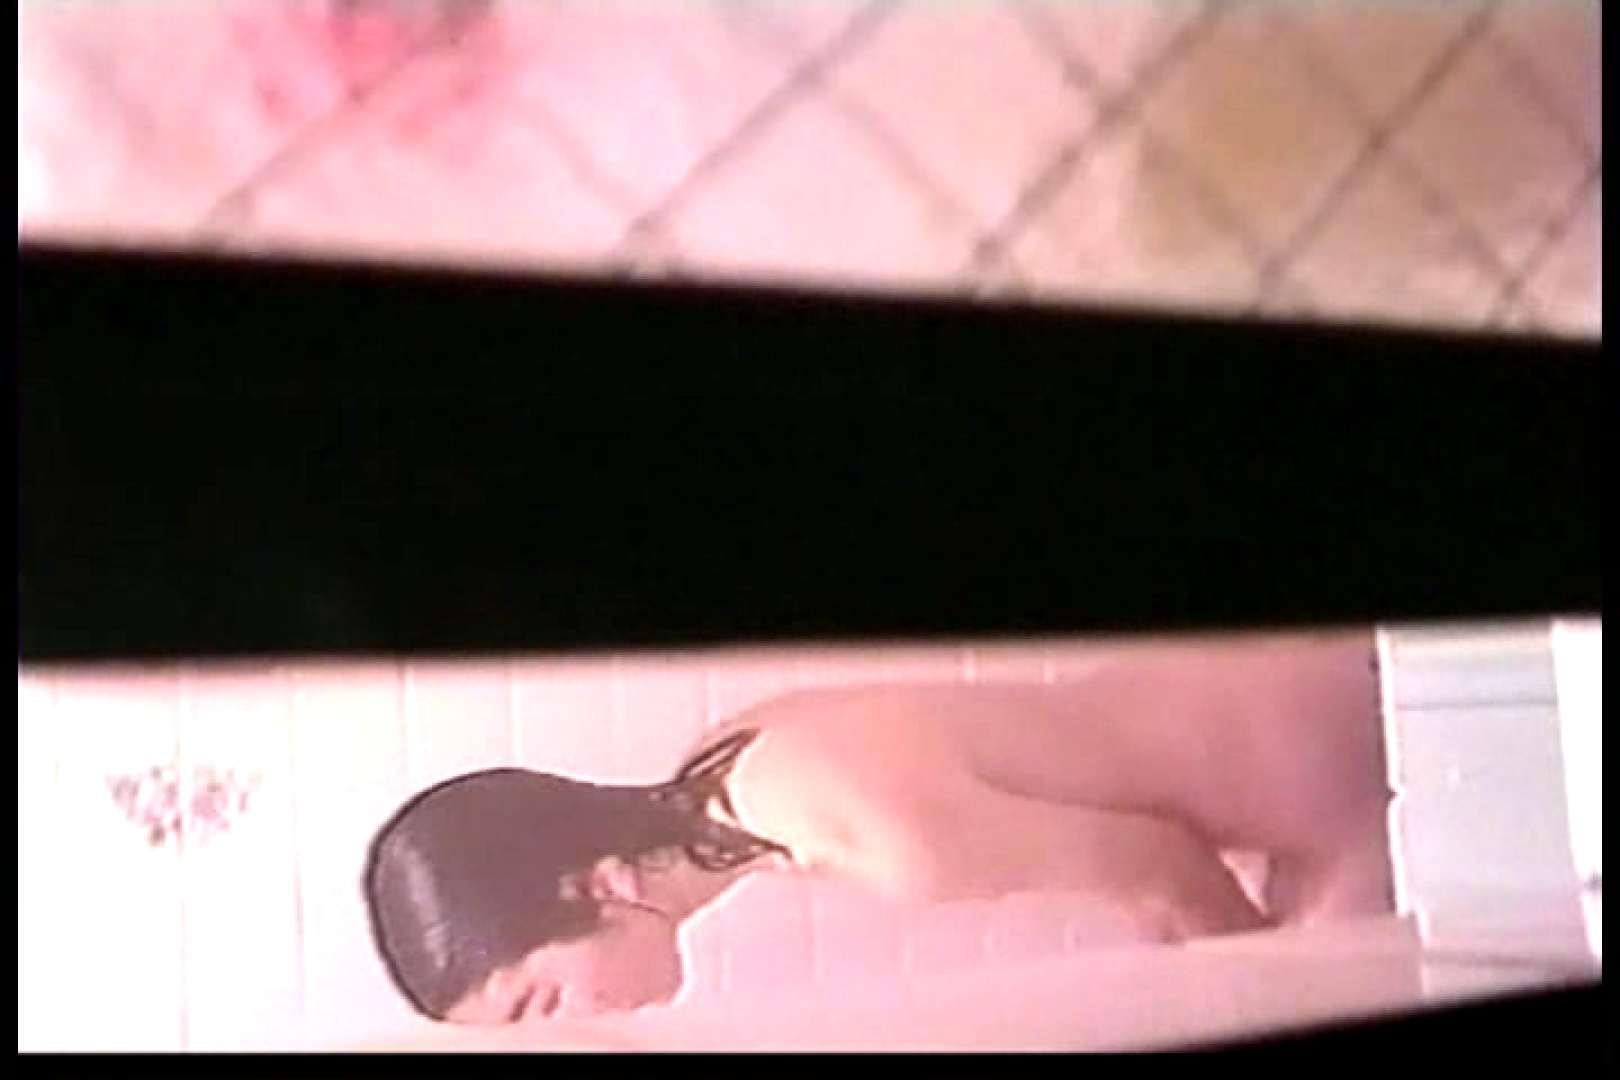 バレまくり!! 絶叫民家女風呂盗撮Vol.1 覗き放題   OLセックス  63画像 36